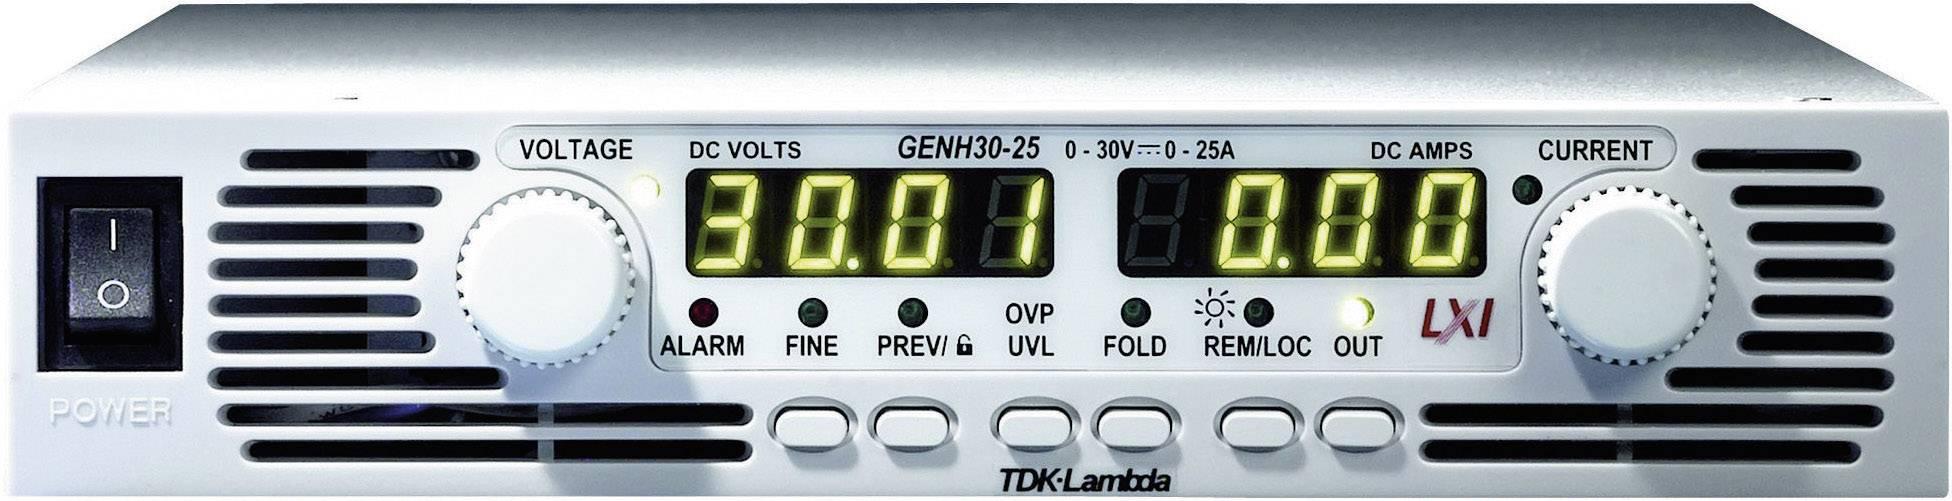 """Laboratorní zdroj 19"""", nastavitelný TDK-Lambda GENH-60-12.5/LN 1 x 0 - 60 V/DC 0 - 12.5 A 750 W lze programovat"""